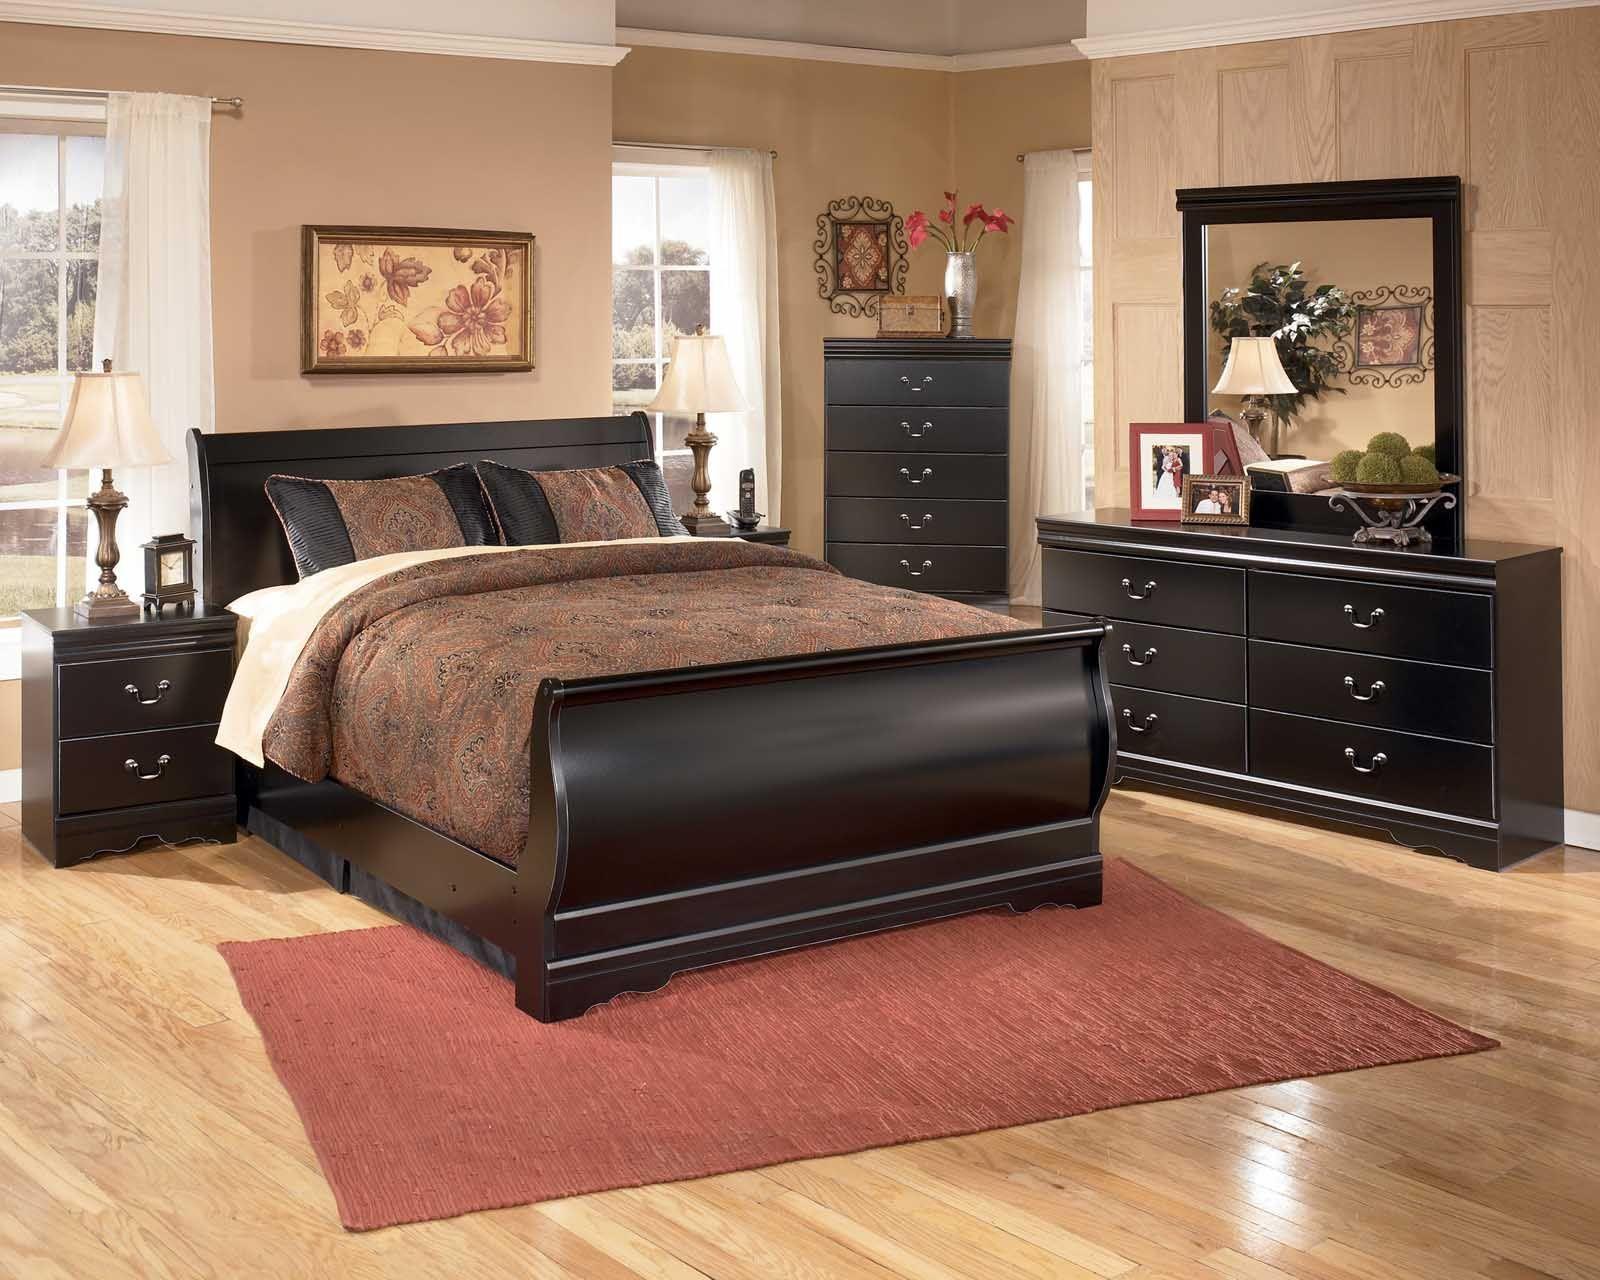 Huey vineyard piece sleigh bedroom set in black home u car ideas